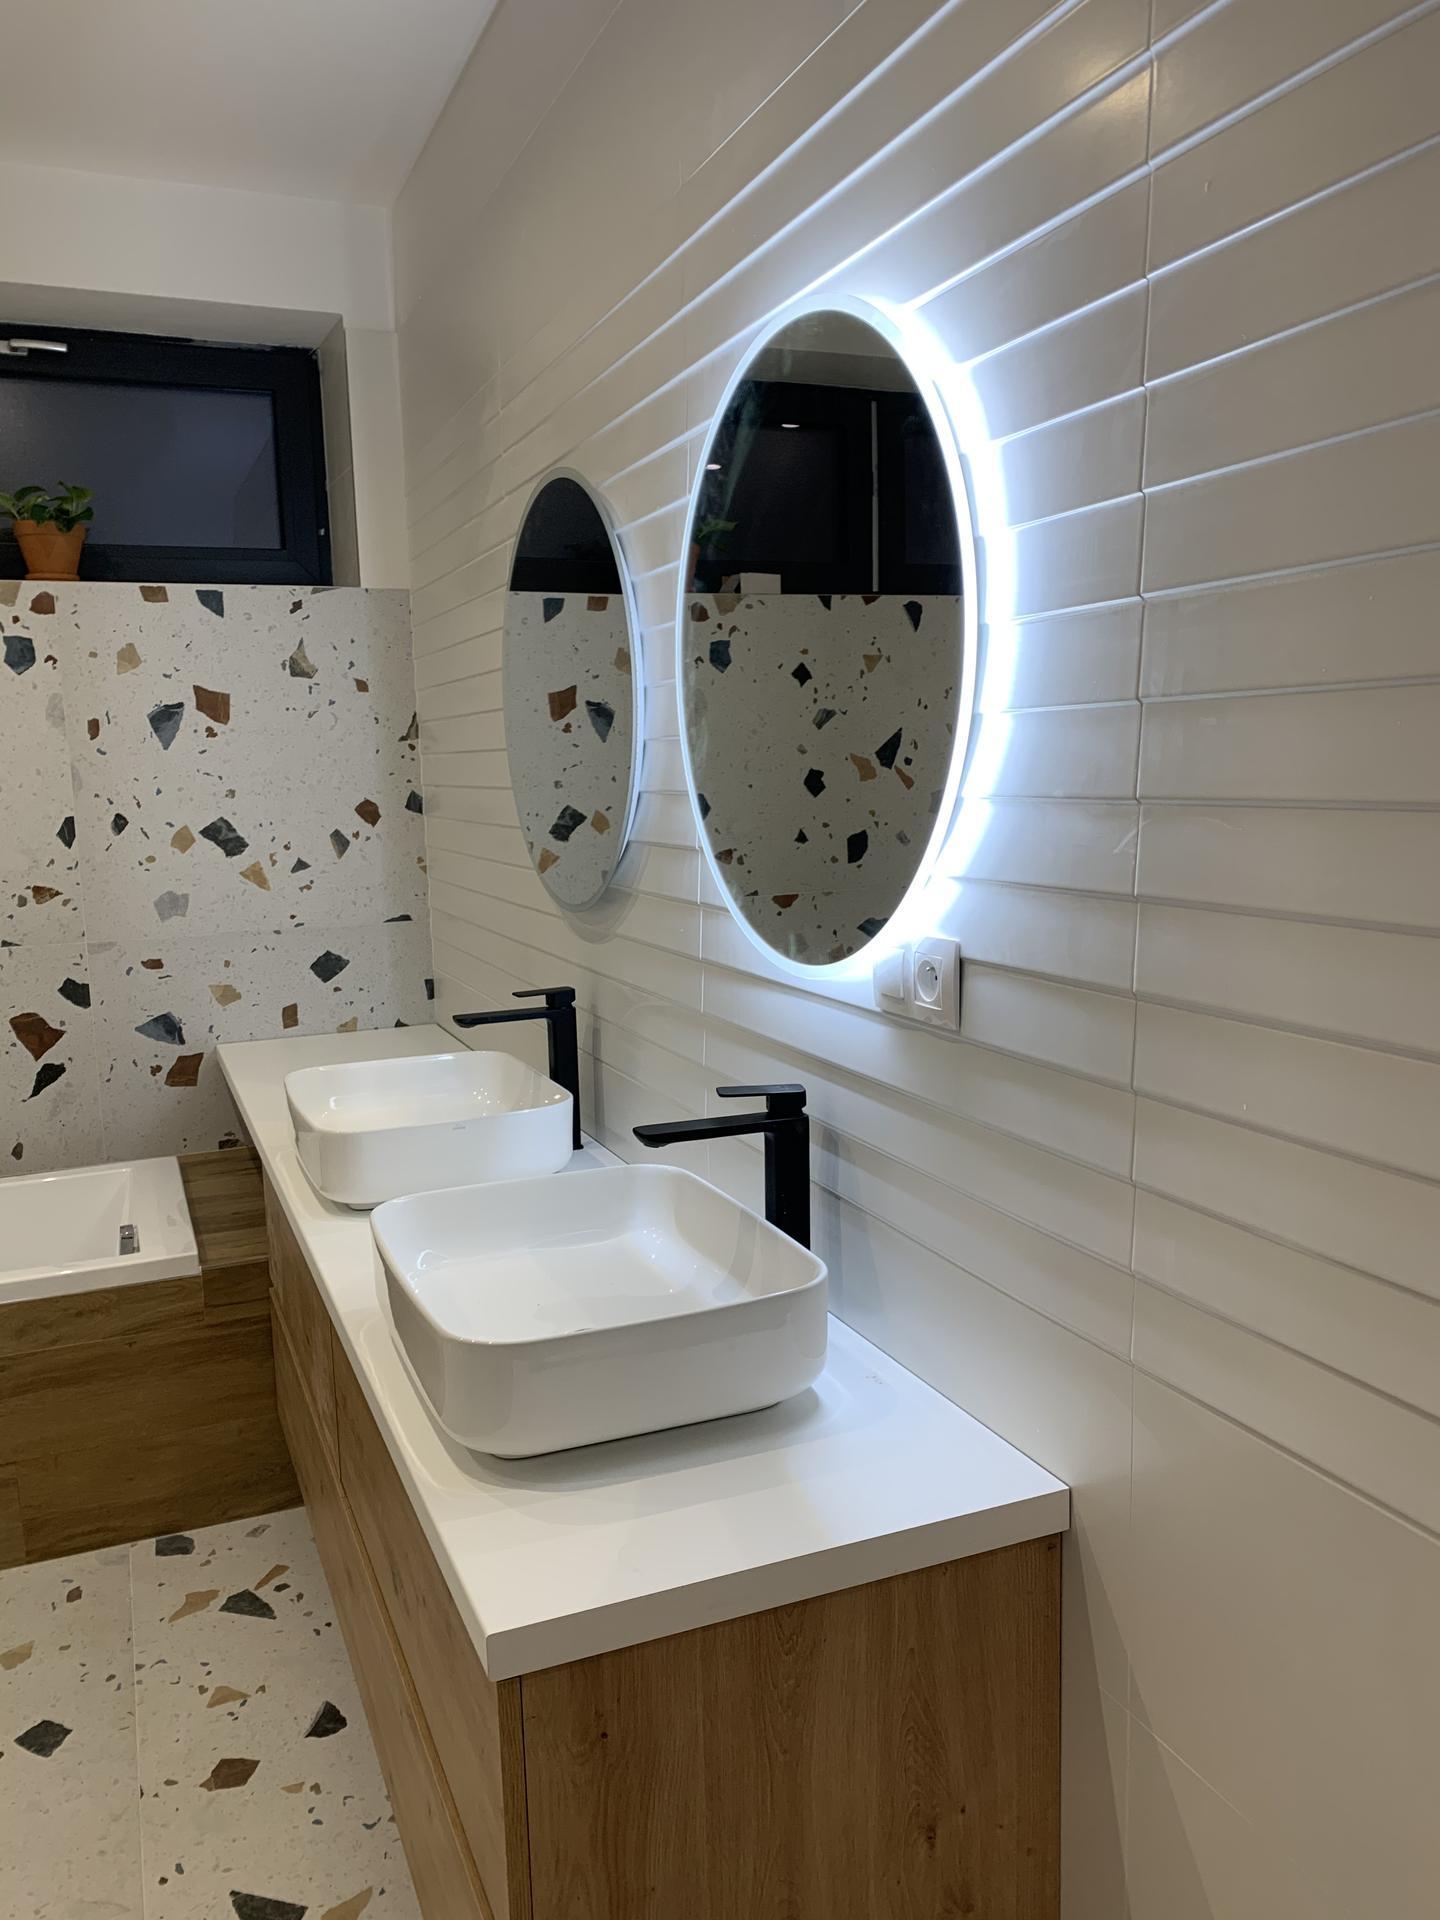 Linear 324 ❤️ - Veľká kúpeľňa takmer hotová.